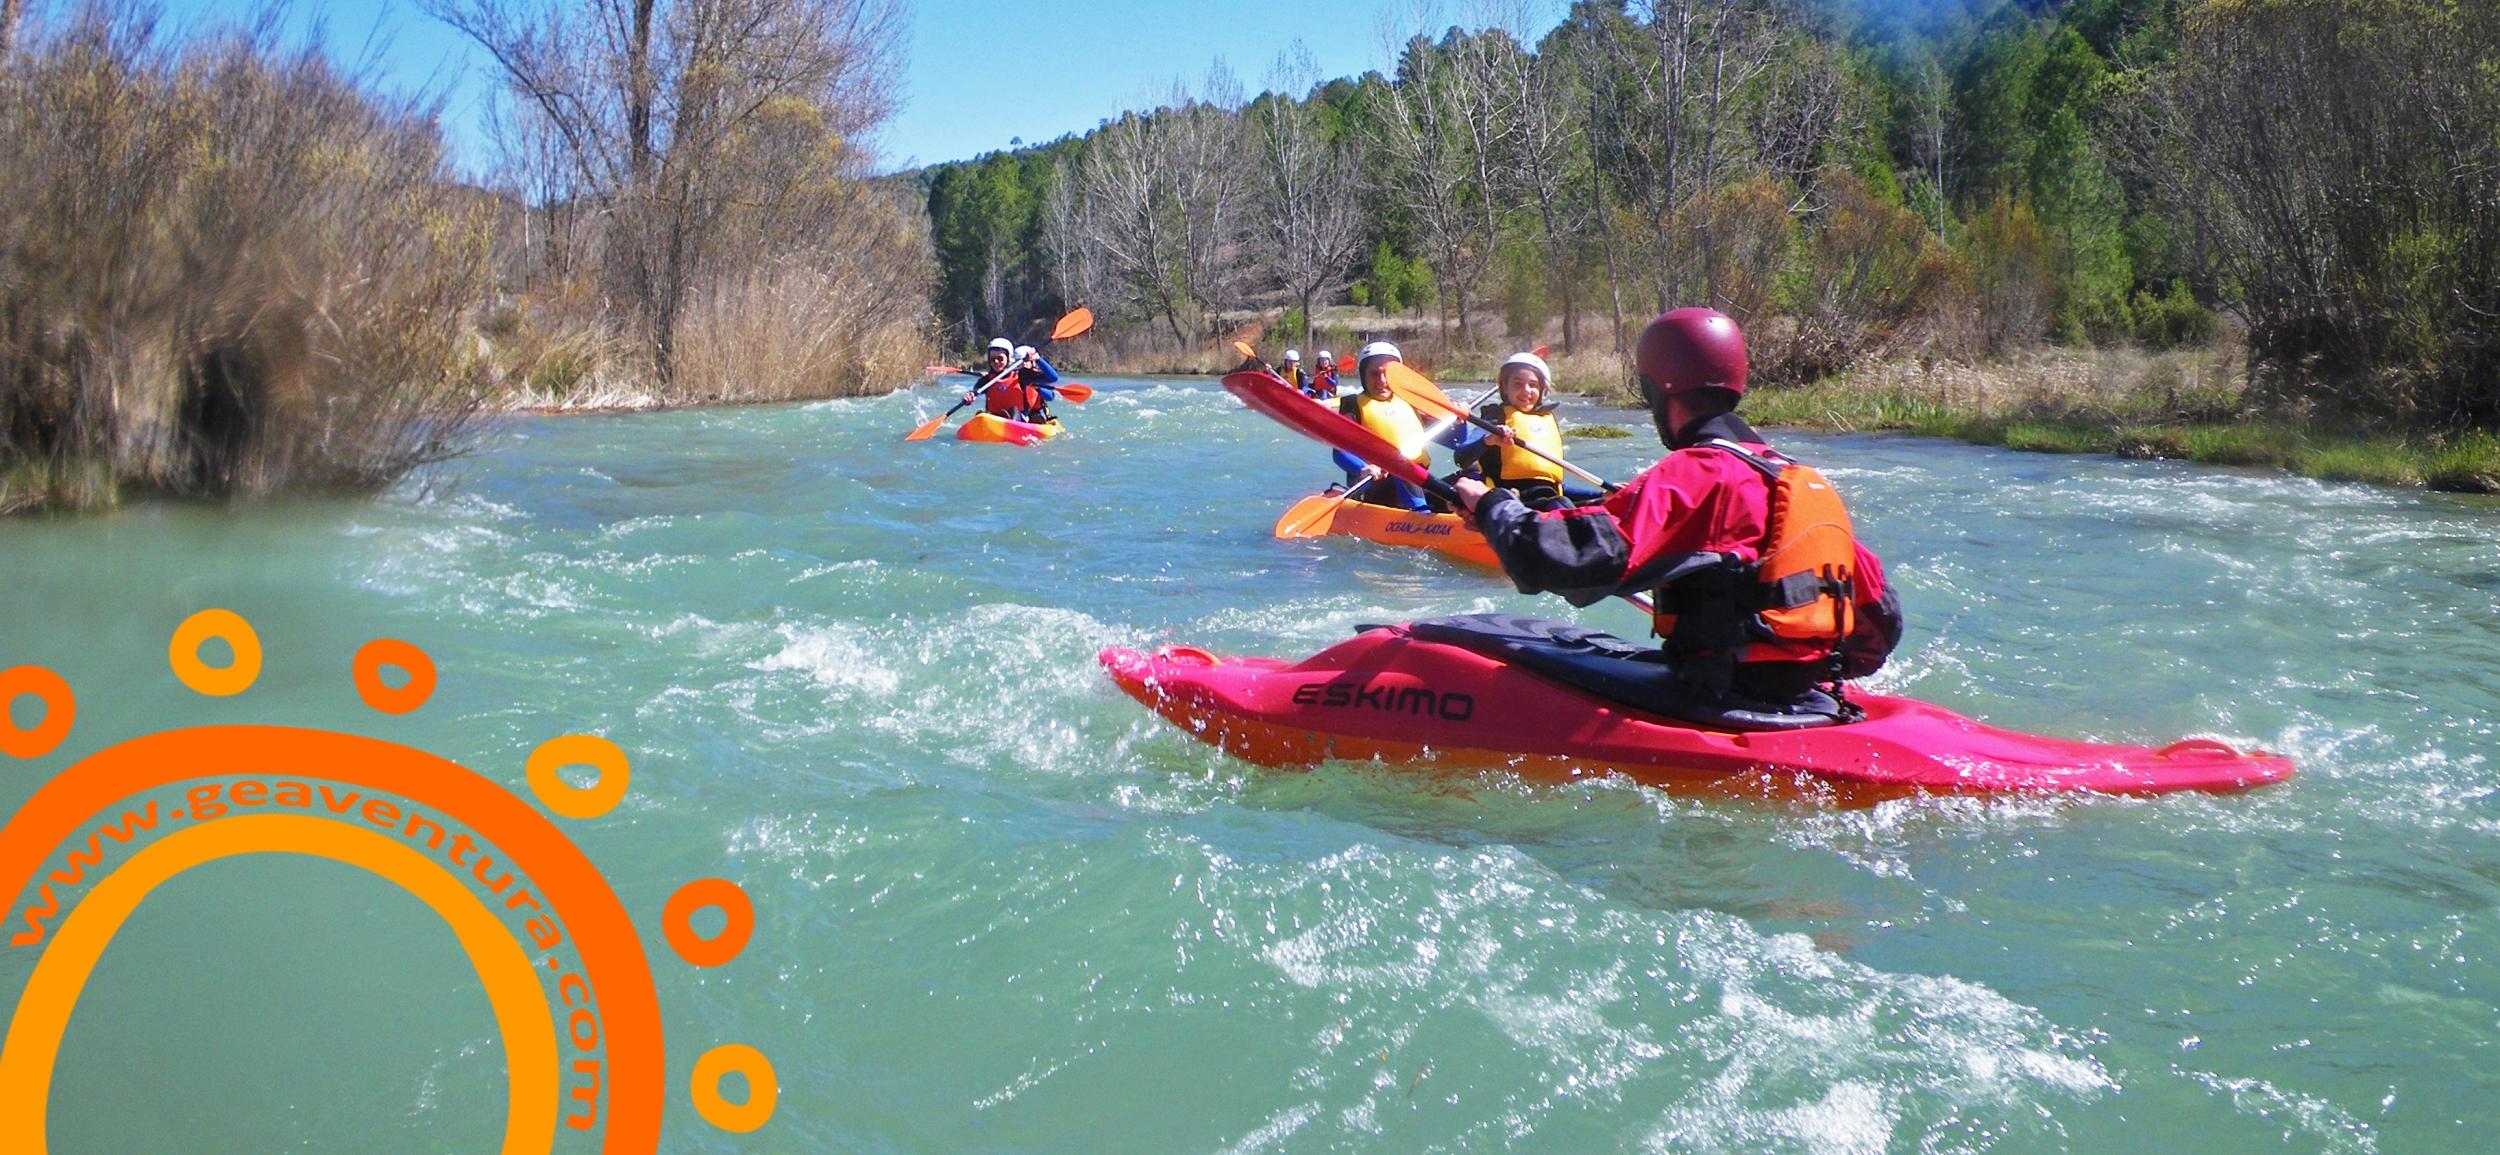 Imagen Piragüismo aguas bravas en Cuenca